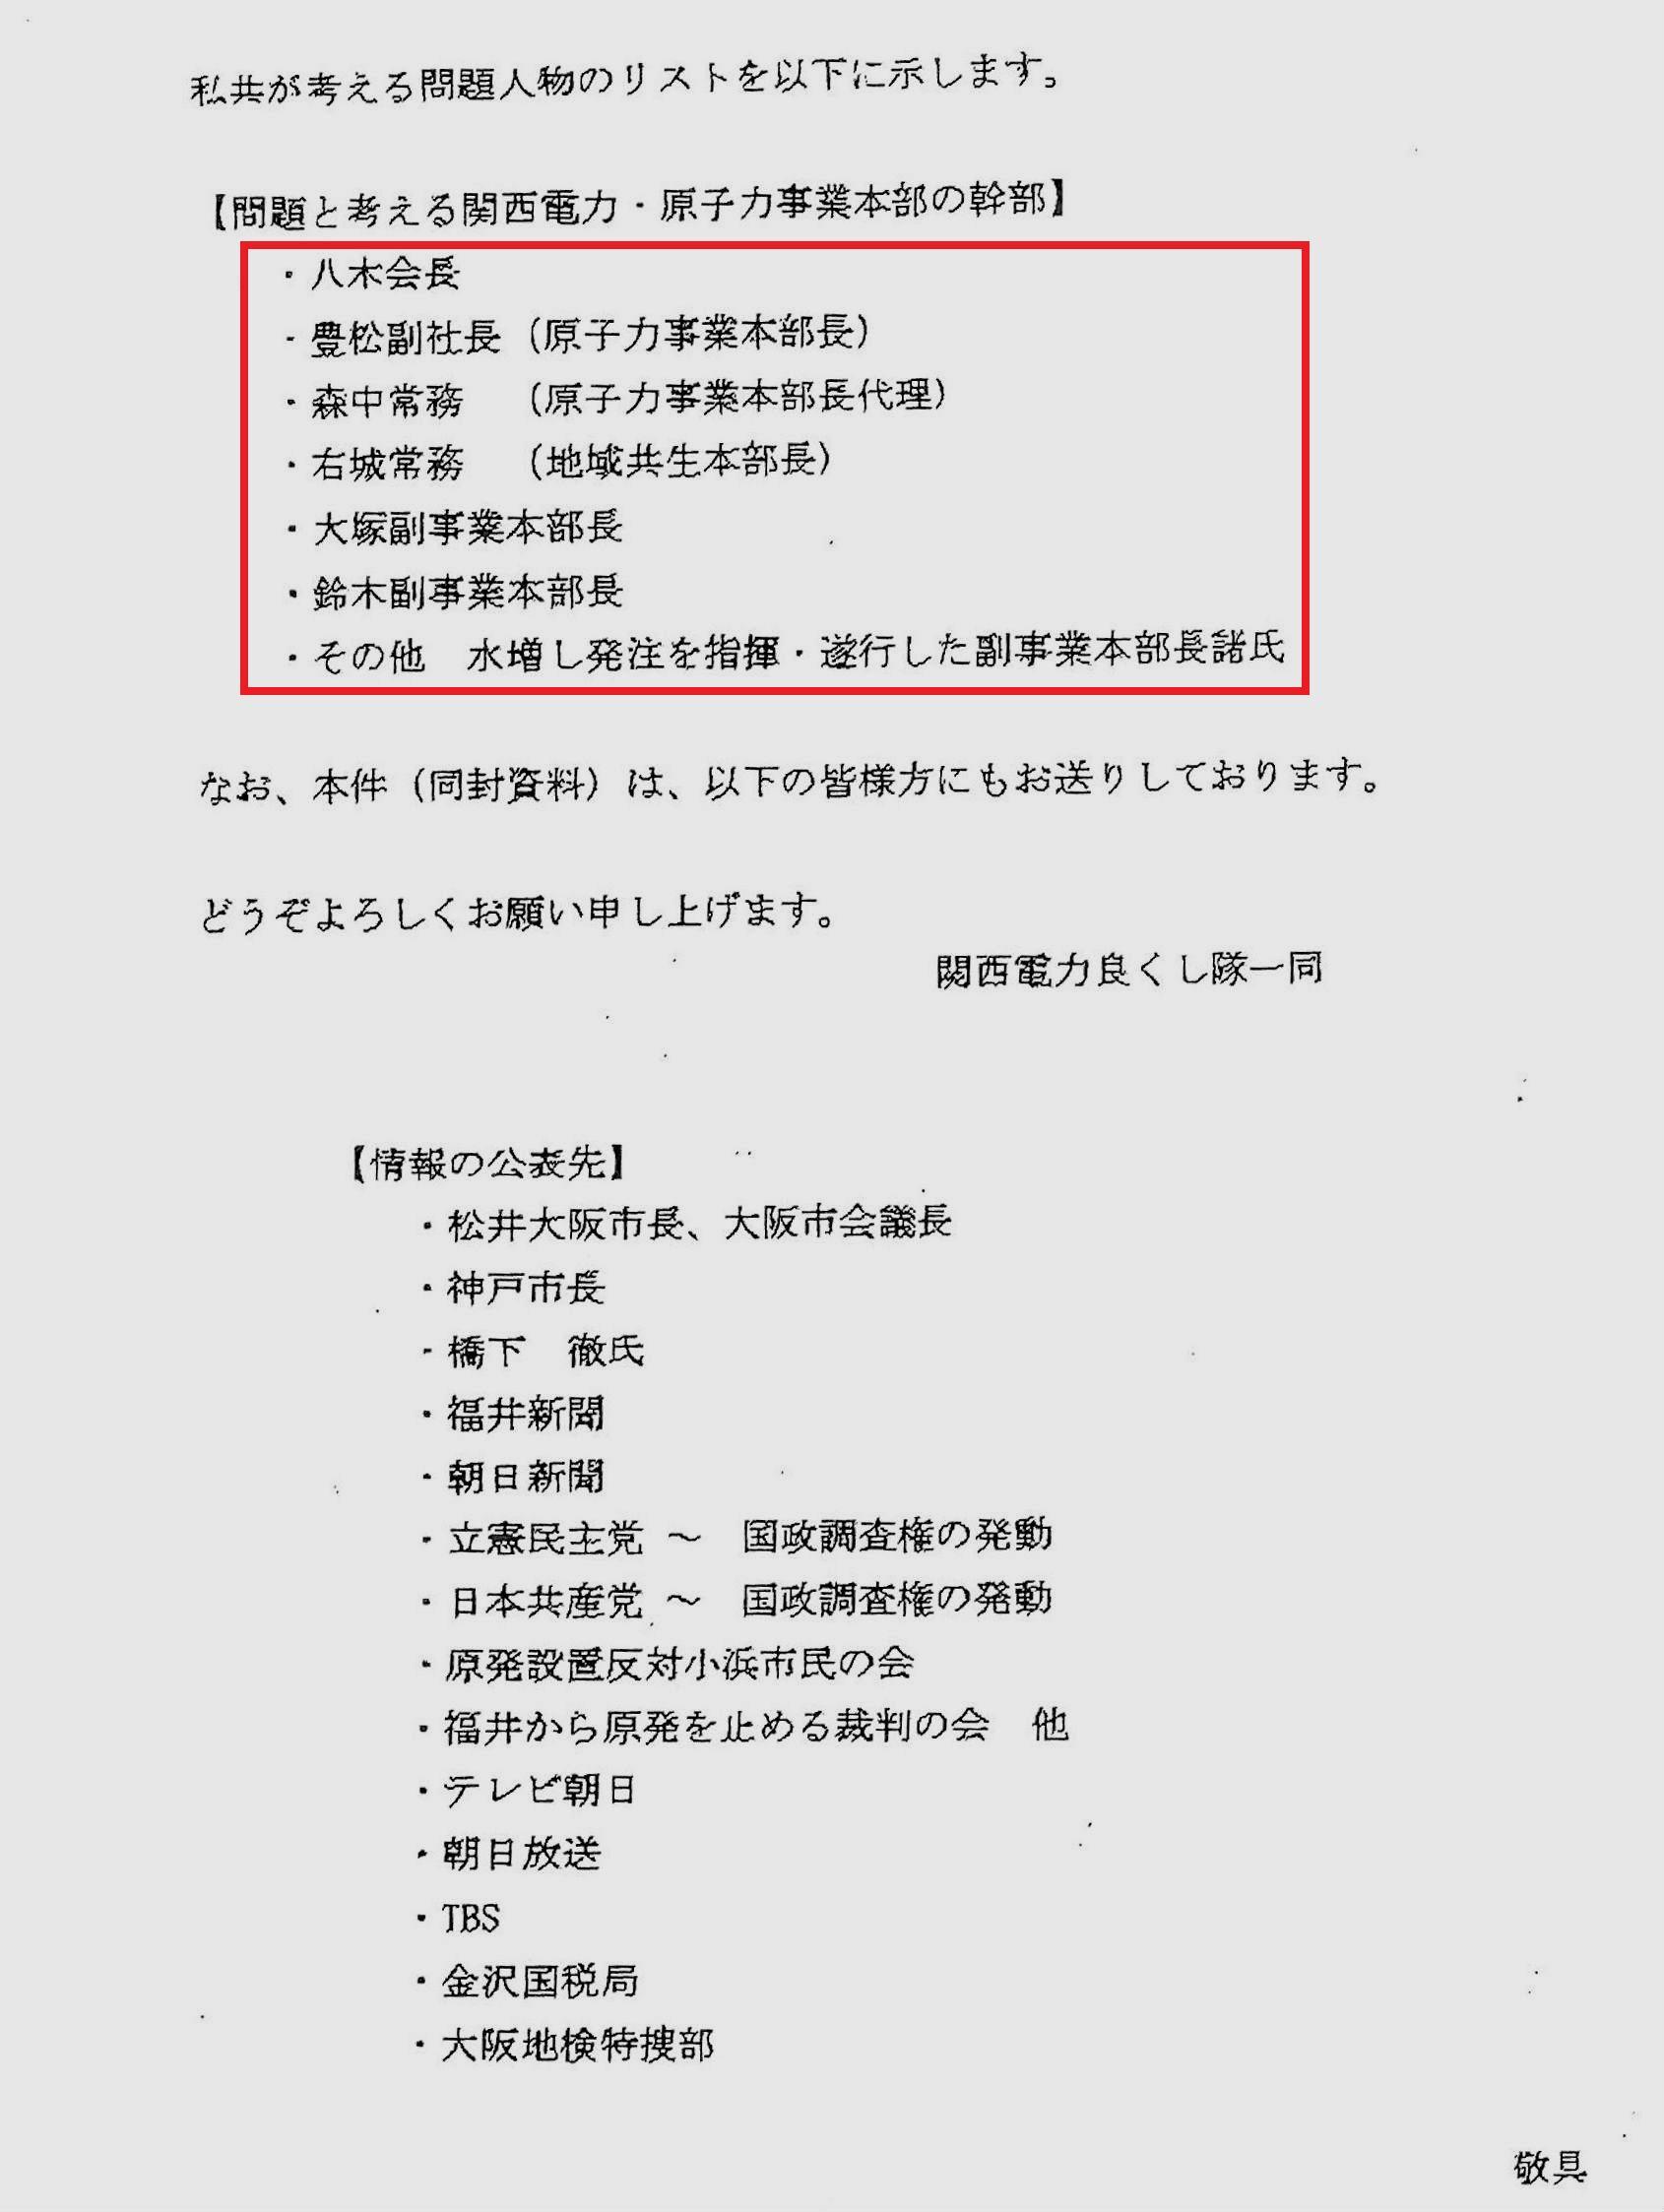 http://hunter-investigate.jp/news/fd7fb6489a7a6f3ecf77378f2b0f5816ebf98057.jpg